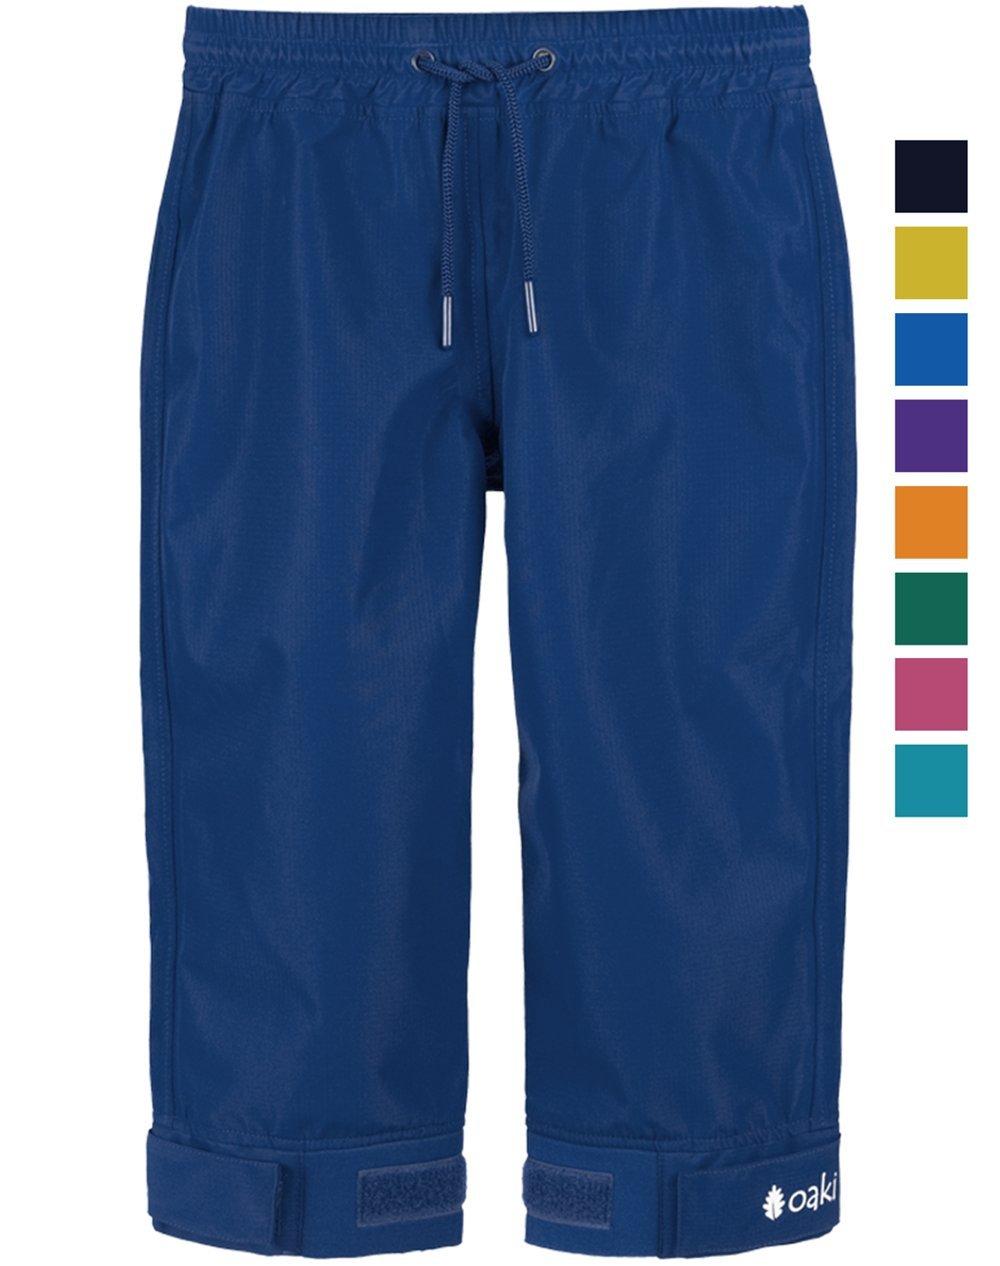 Oakiwear Children's Trail Rain Pants, Navy Blue 4/5